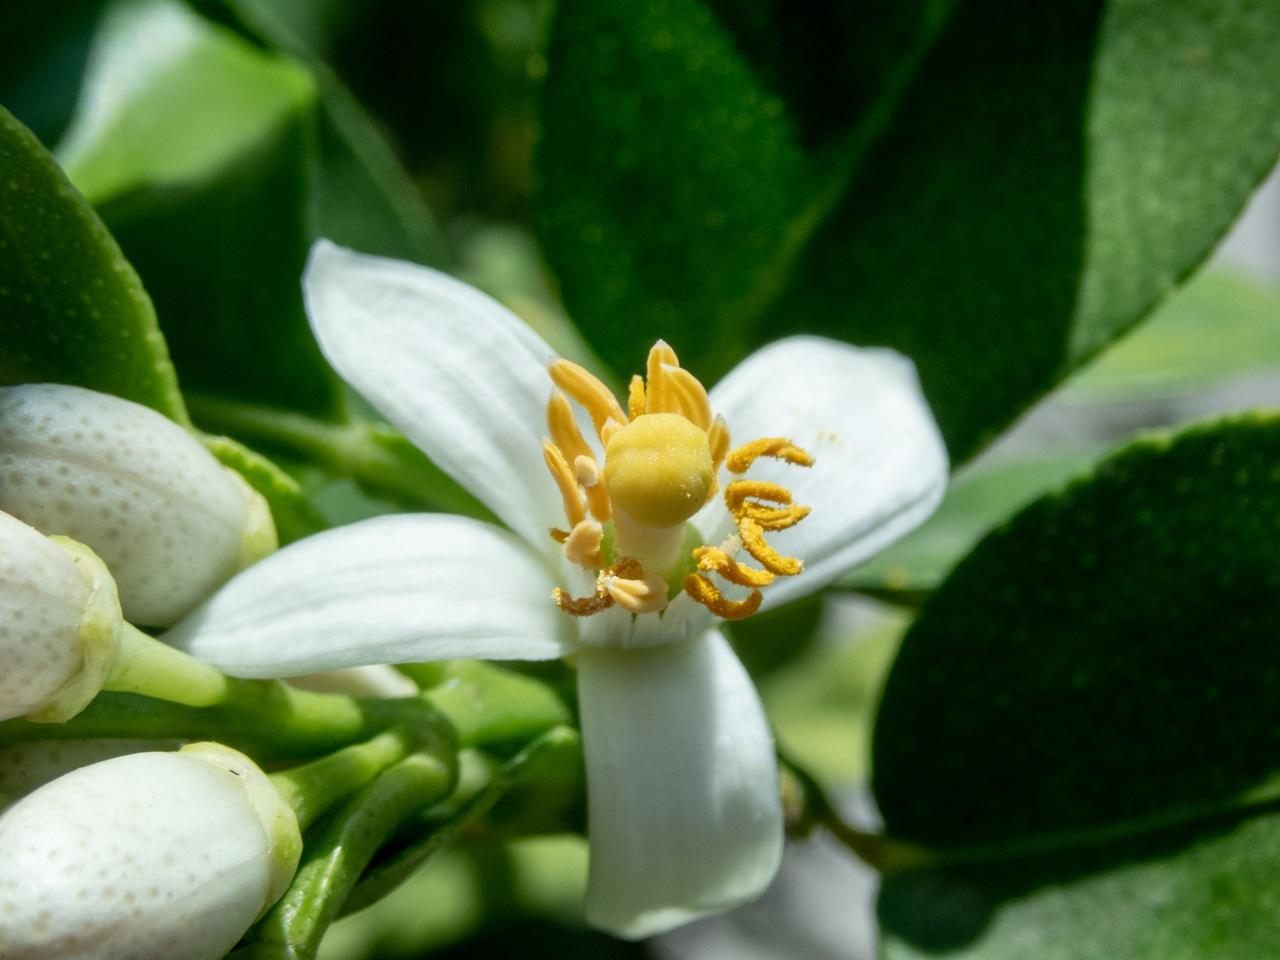 El limonero se planta a finales de invierno